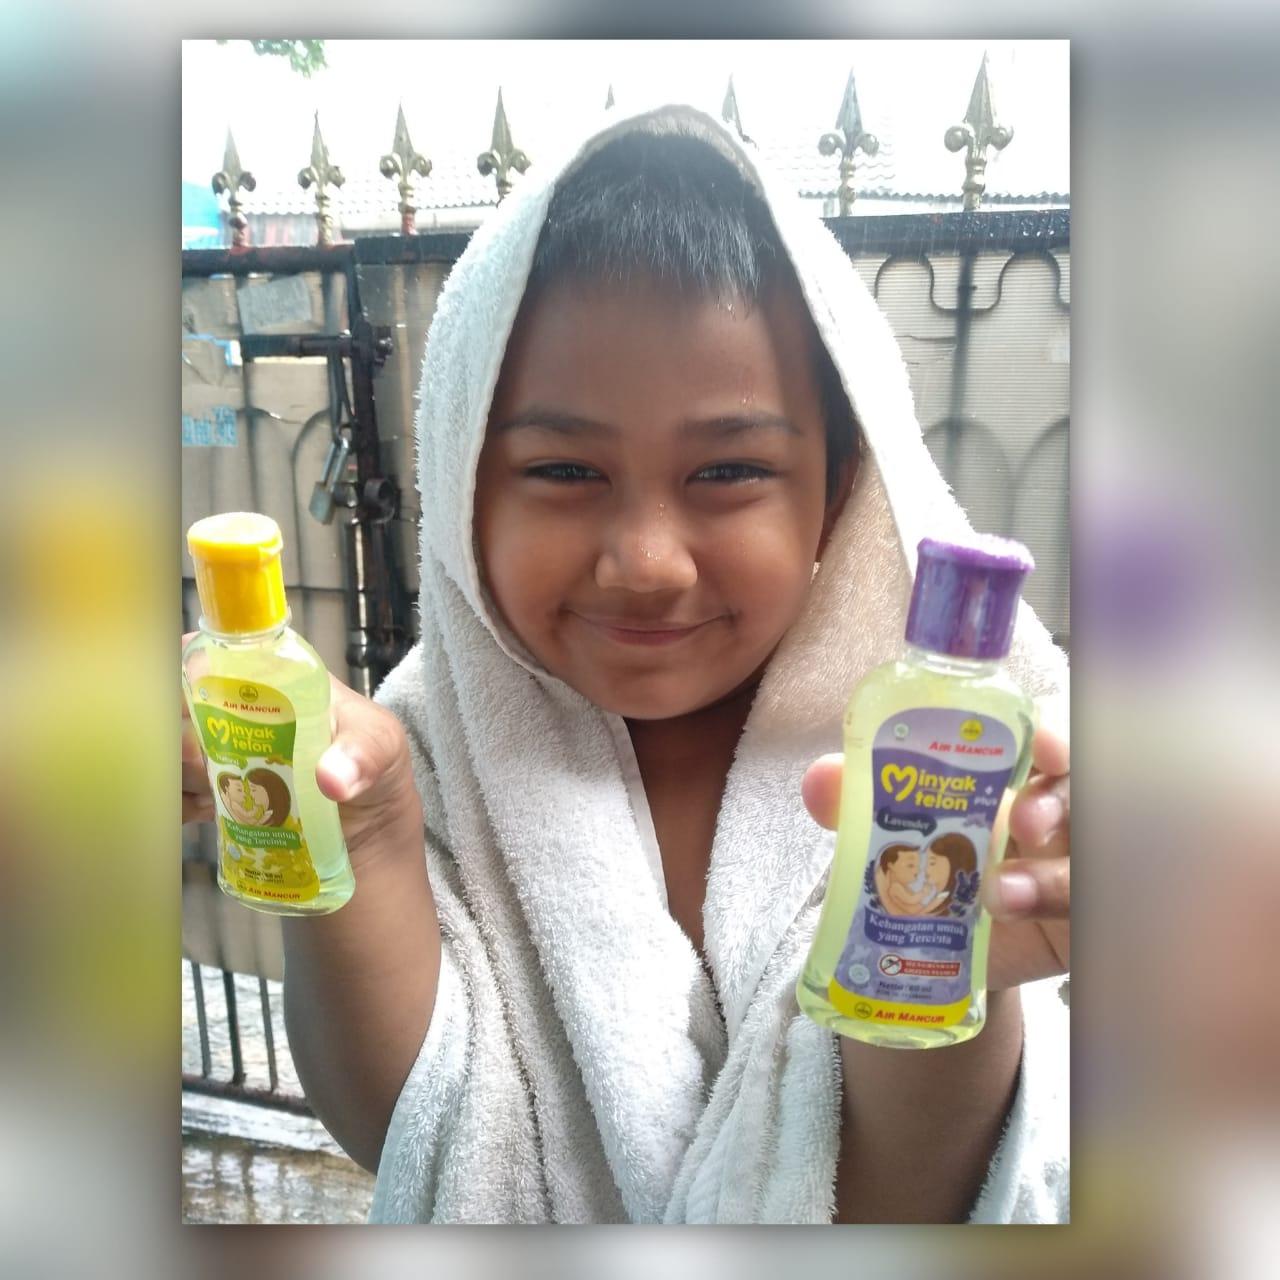 Minyak Telon Air Mancur berikan kehangatan bagi anak